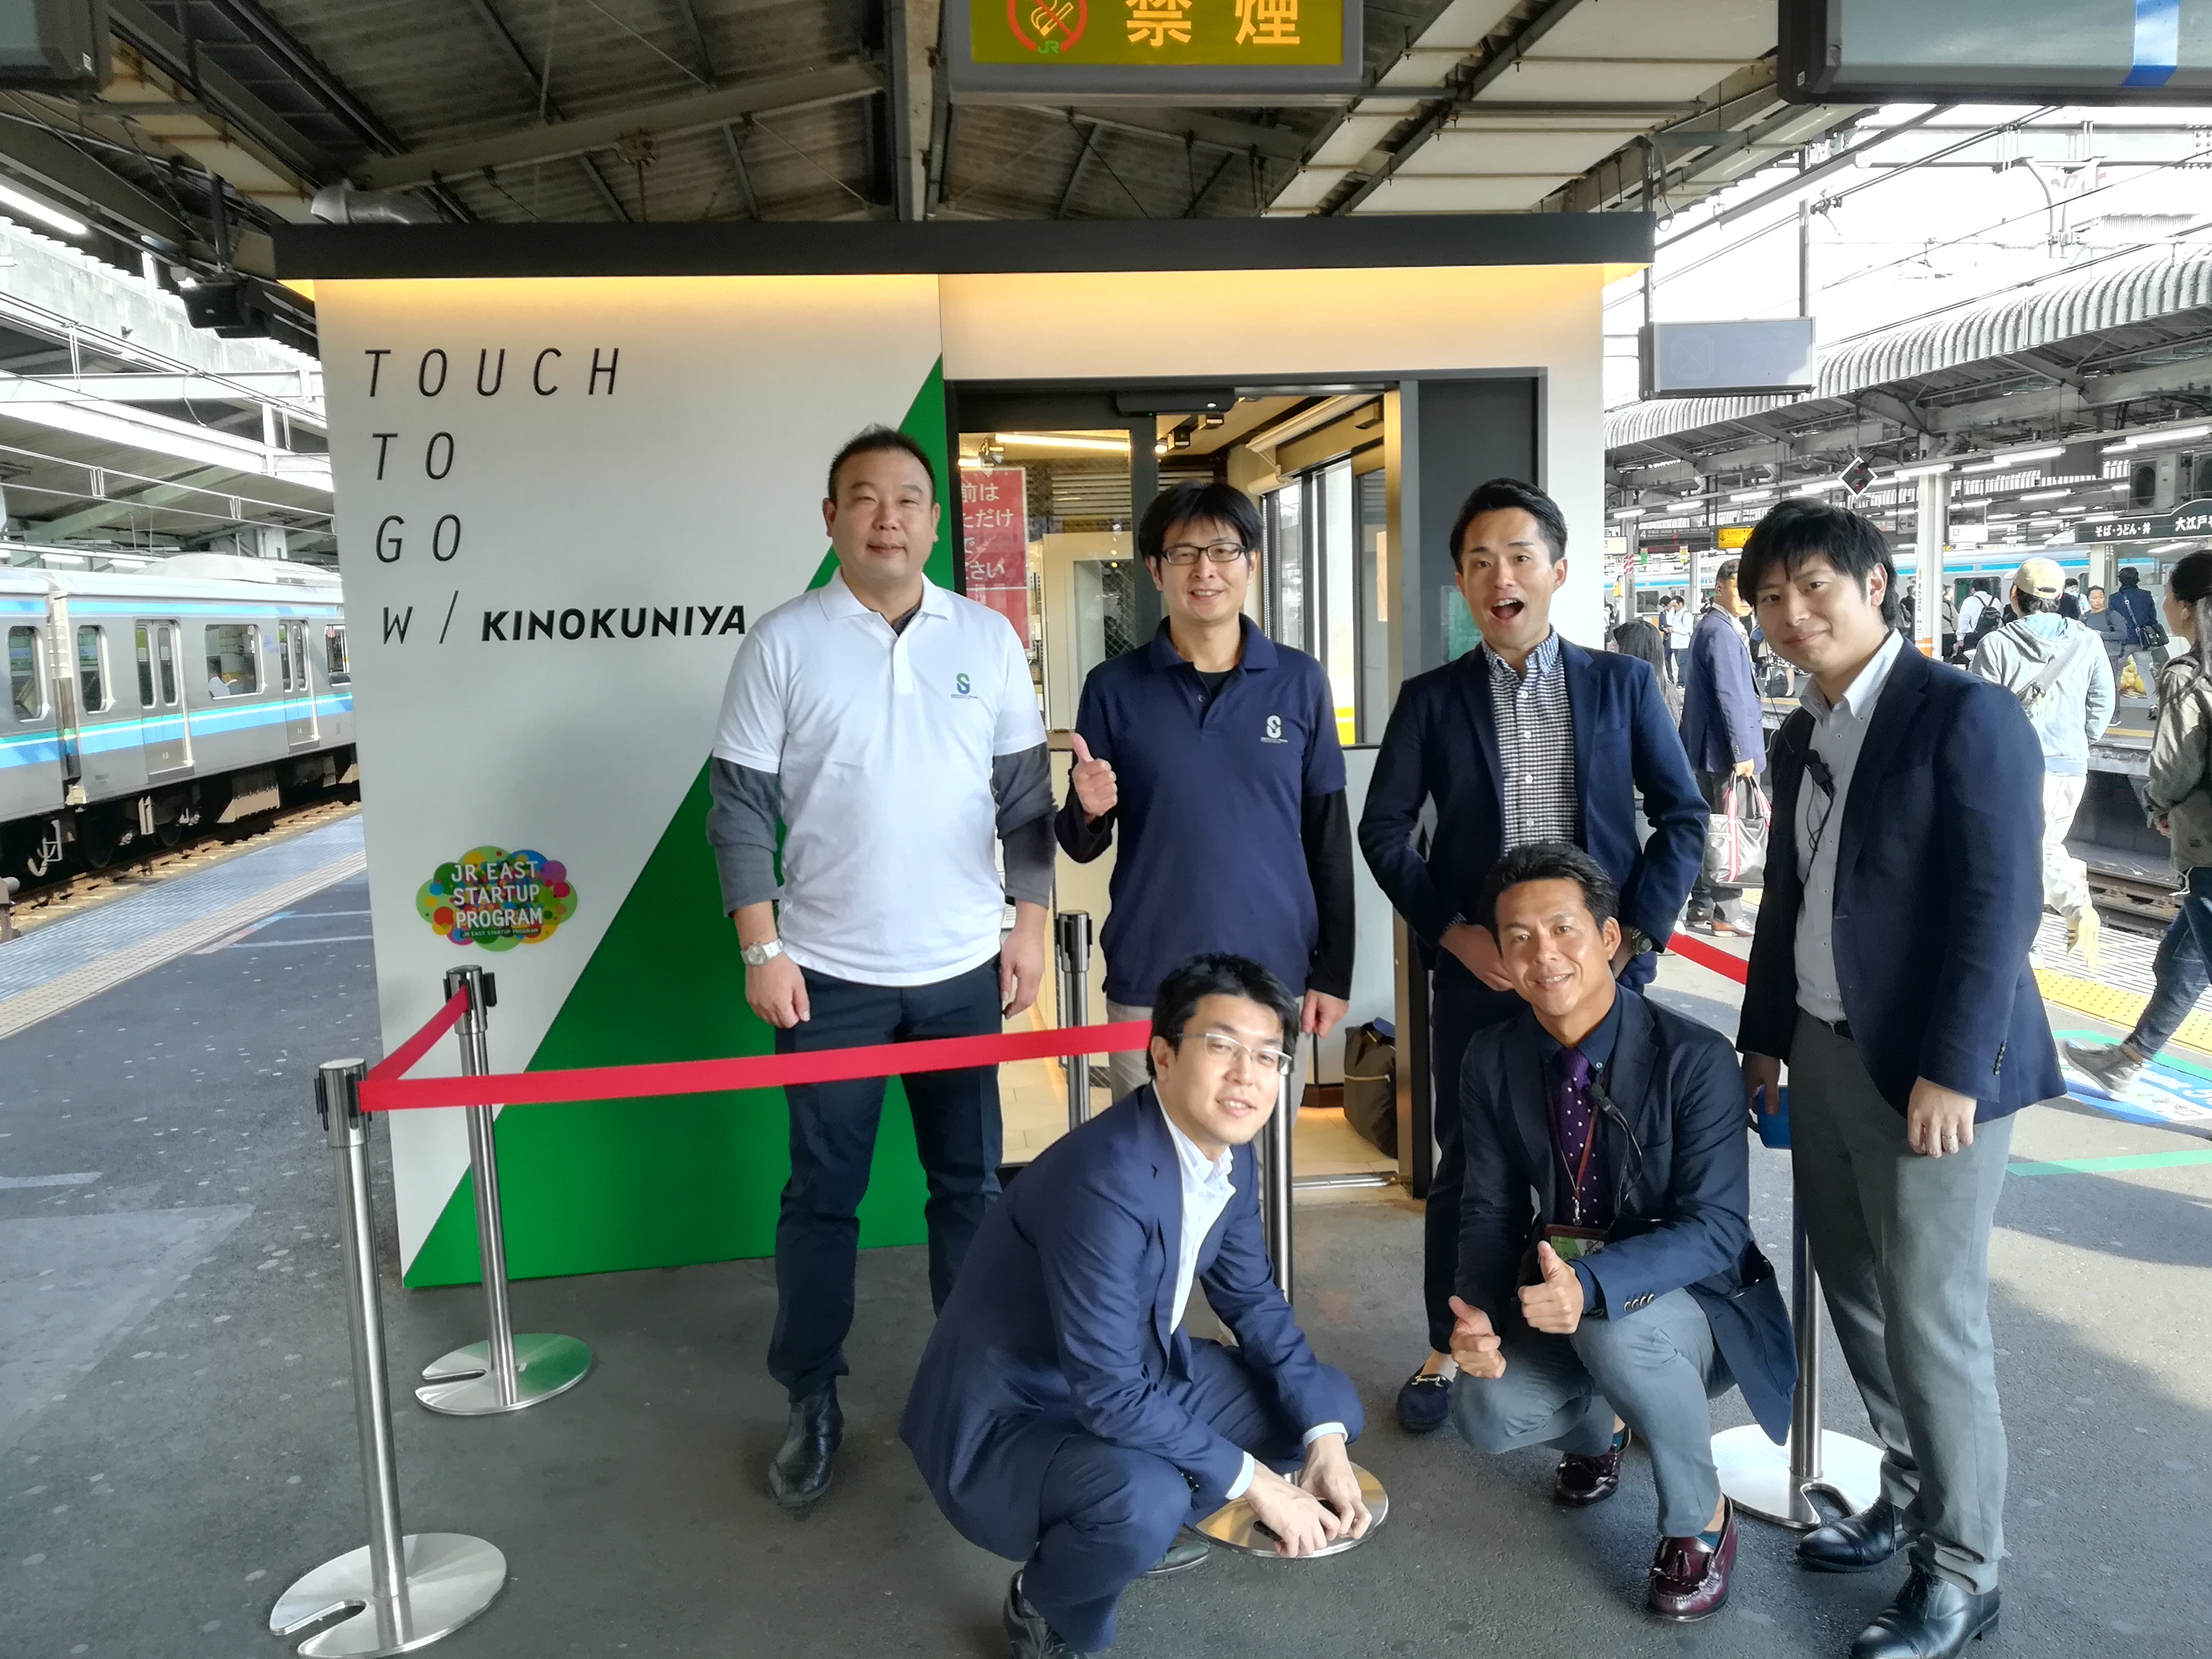 無人AIレジ店舗「TOUCH TO GO」in赤羽駅 オープンしました!